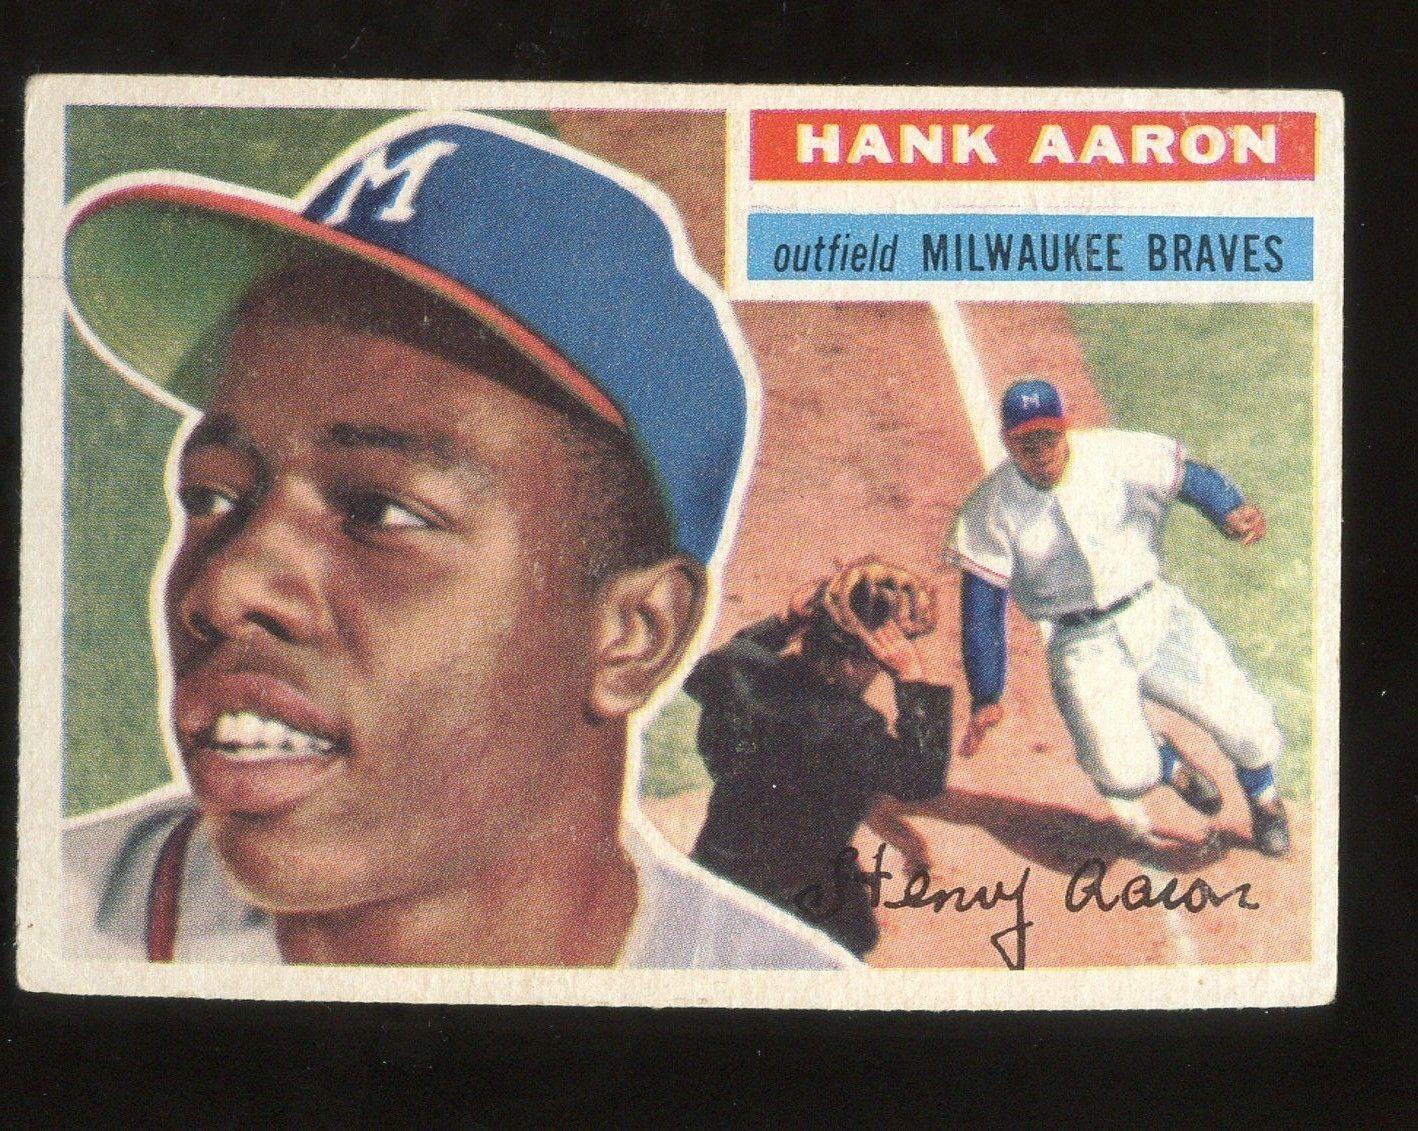 1956 Topps 31 Hank Aaron Milwaukee Braves Hof White Back Baseballcards Hank Aaron Baseball Cards Baseball Cards For Sale